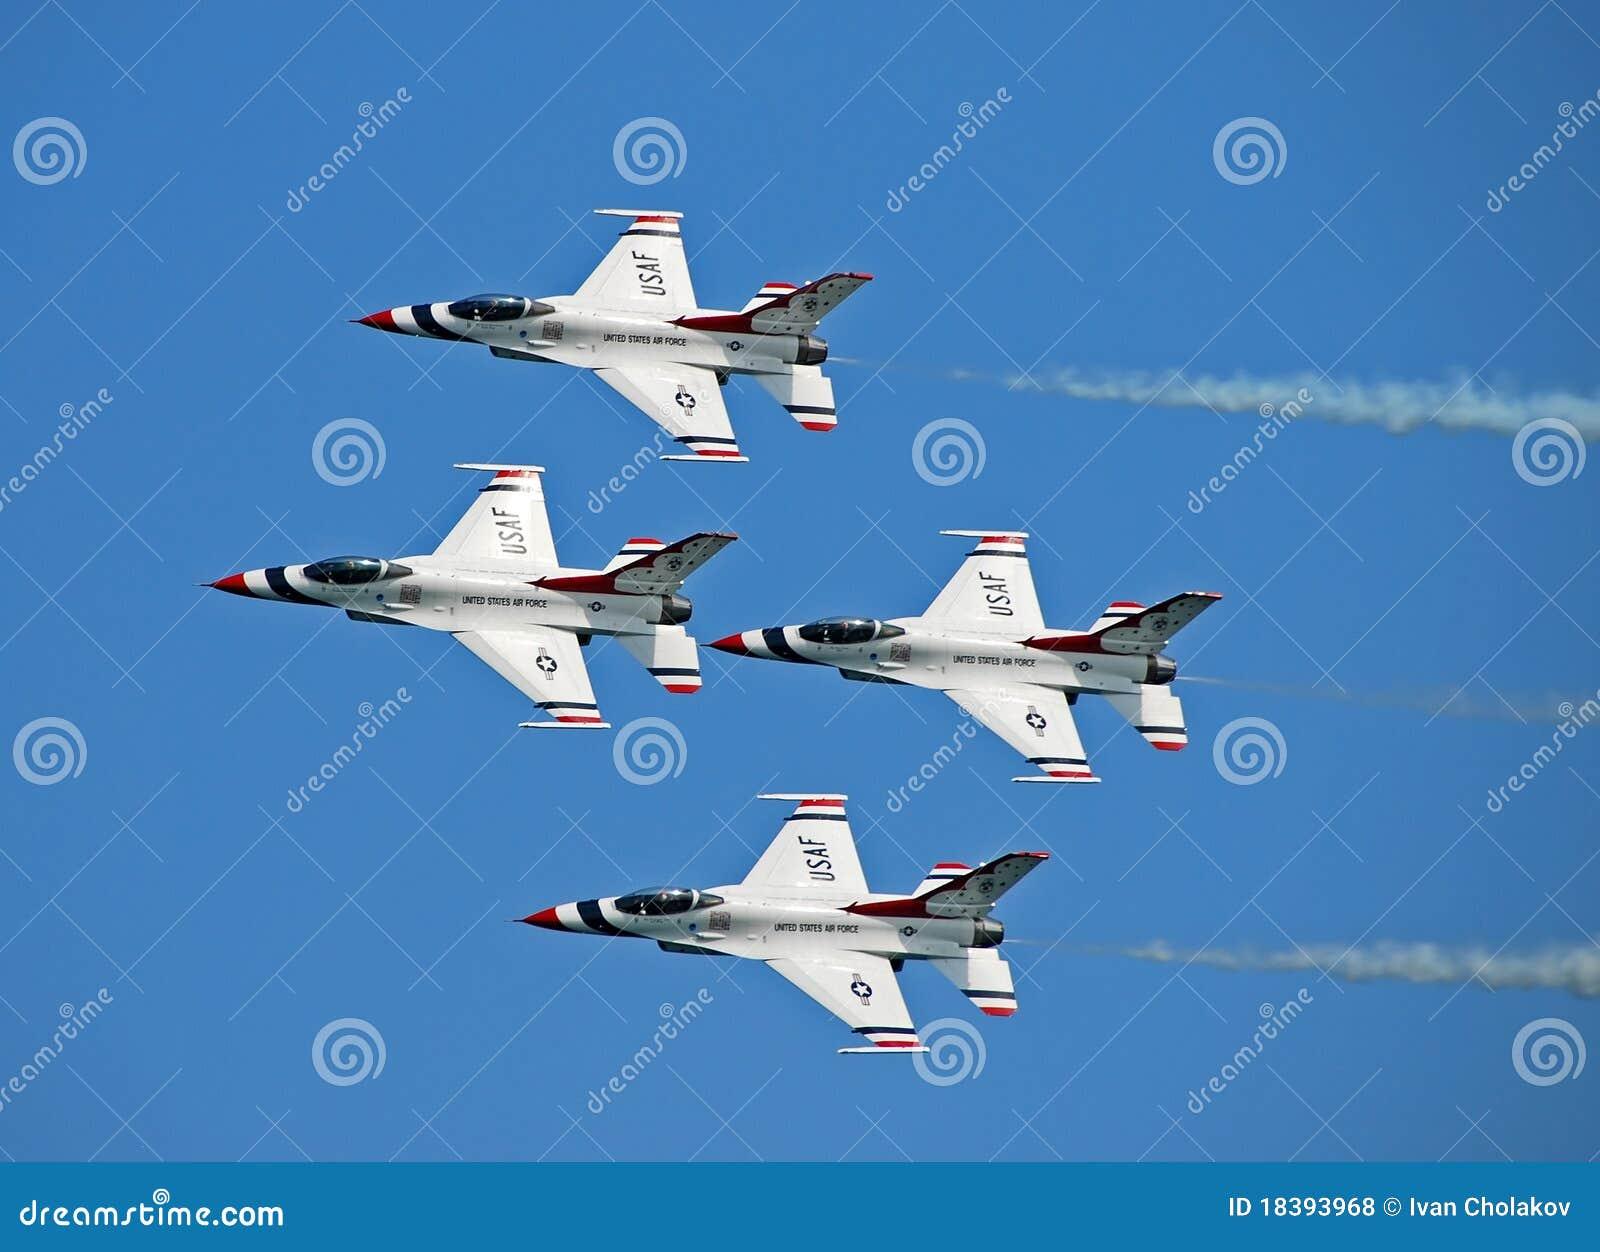 буревестники Военно-воздушных сил мы